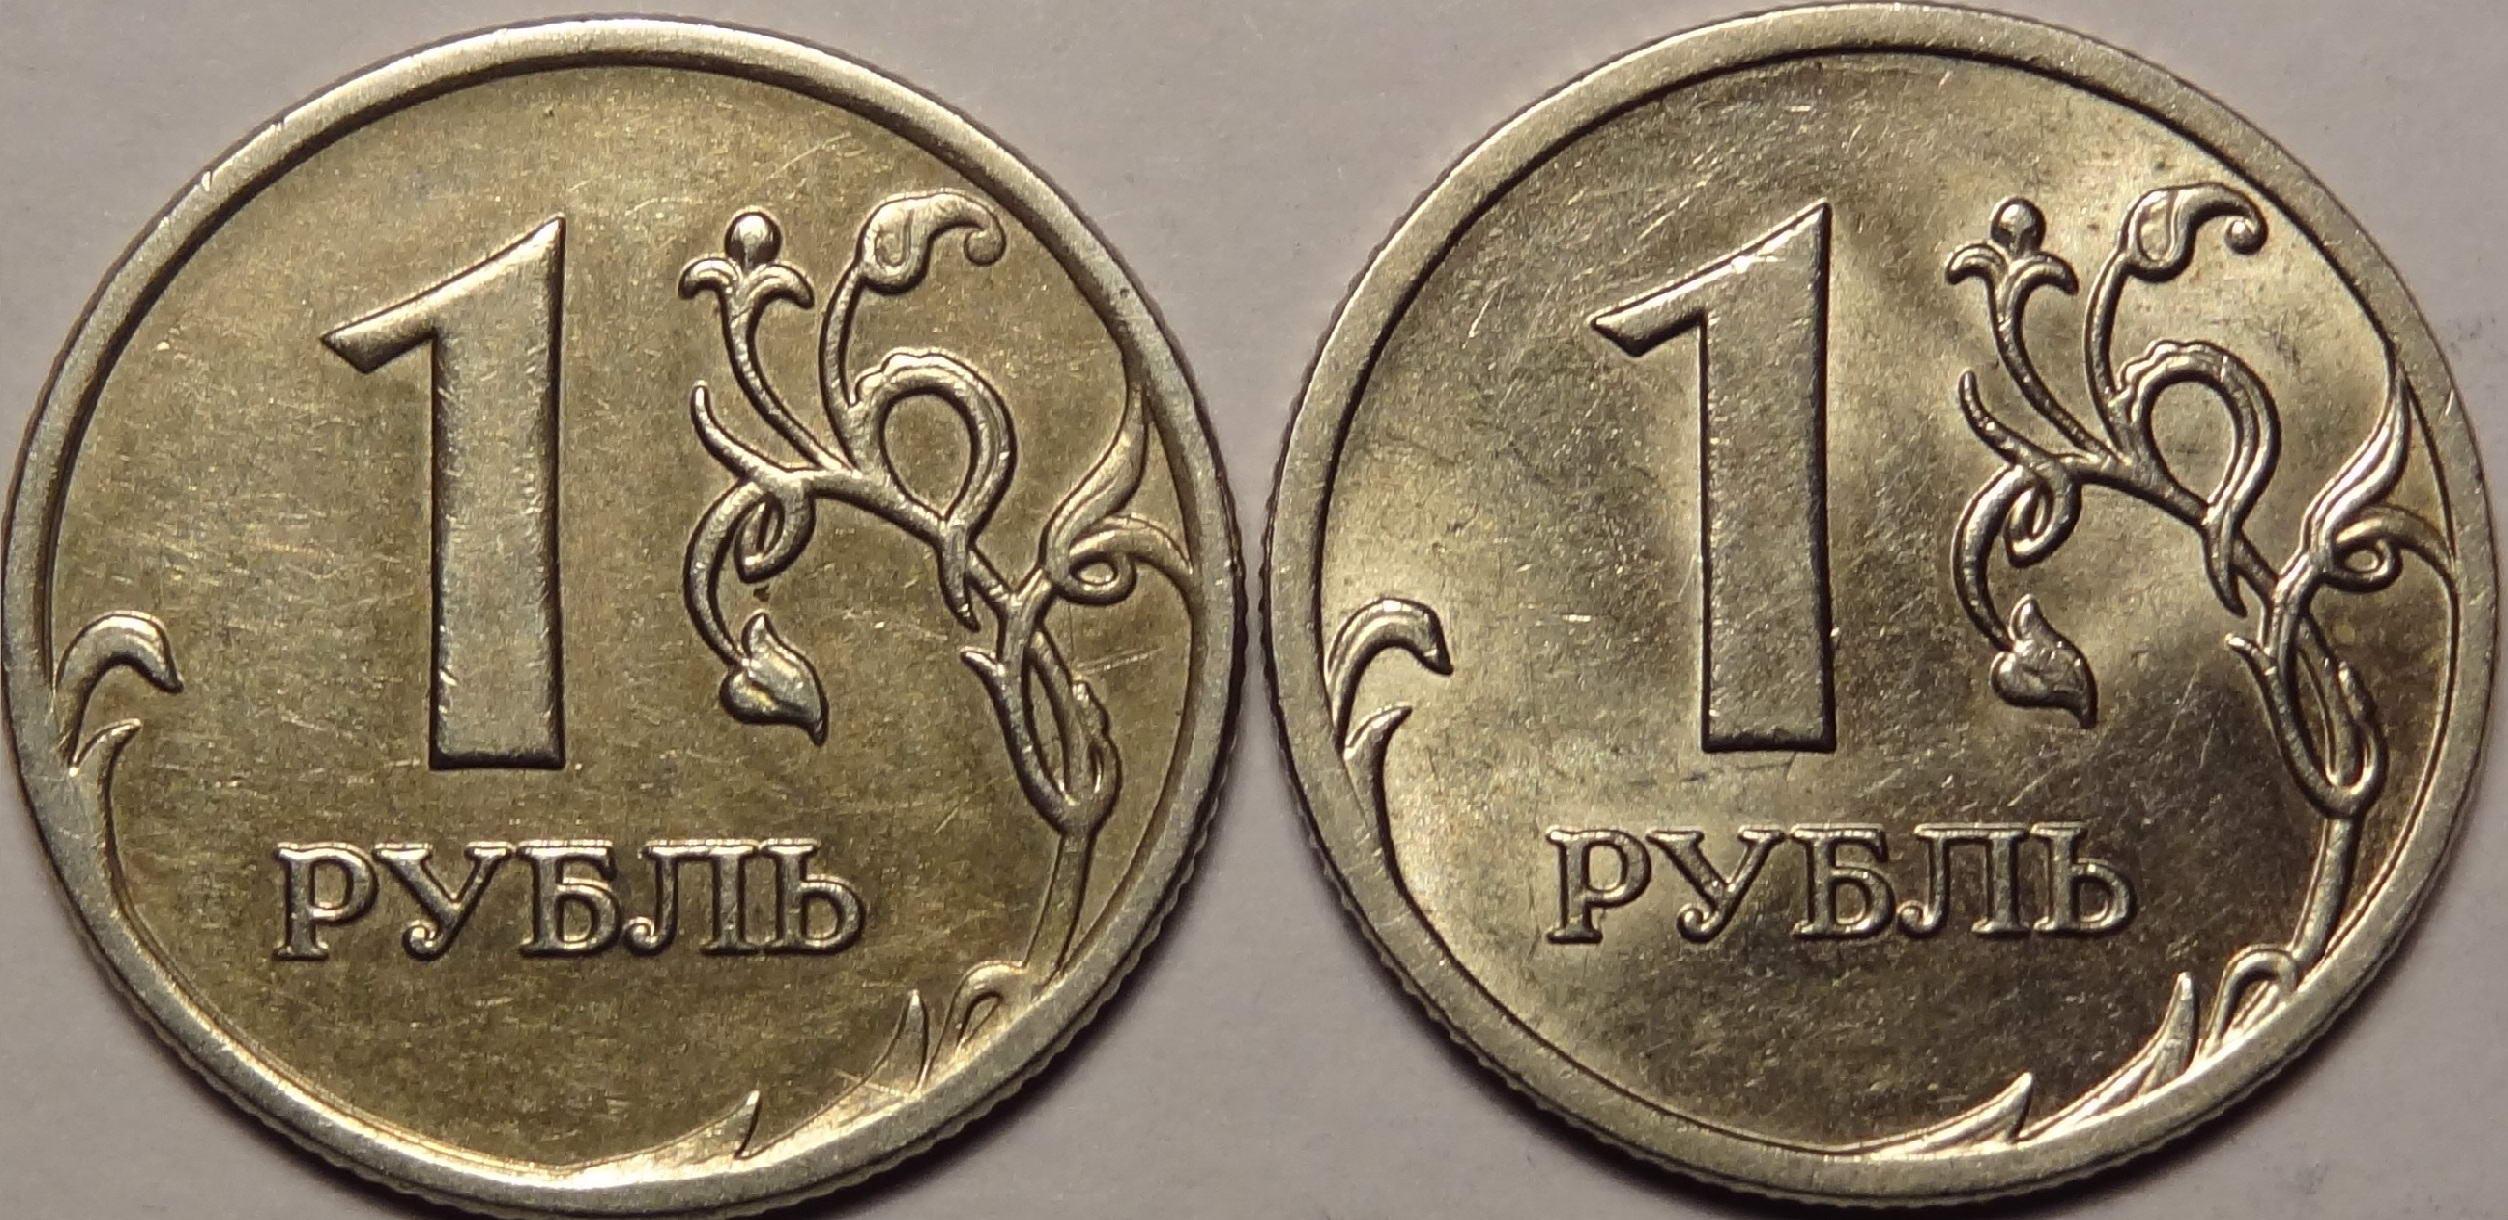 1 рубль 2008 стоимость сочинской олимпиады